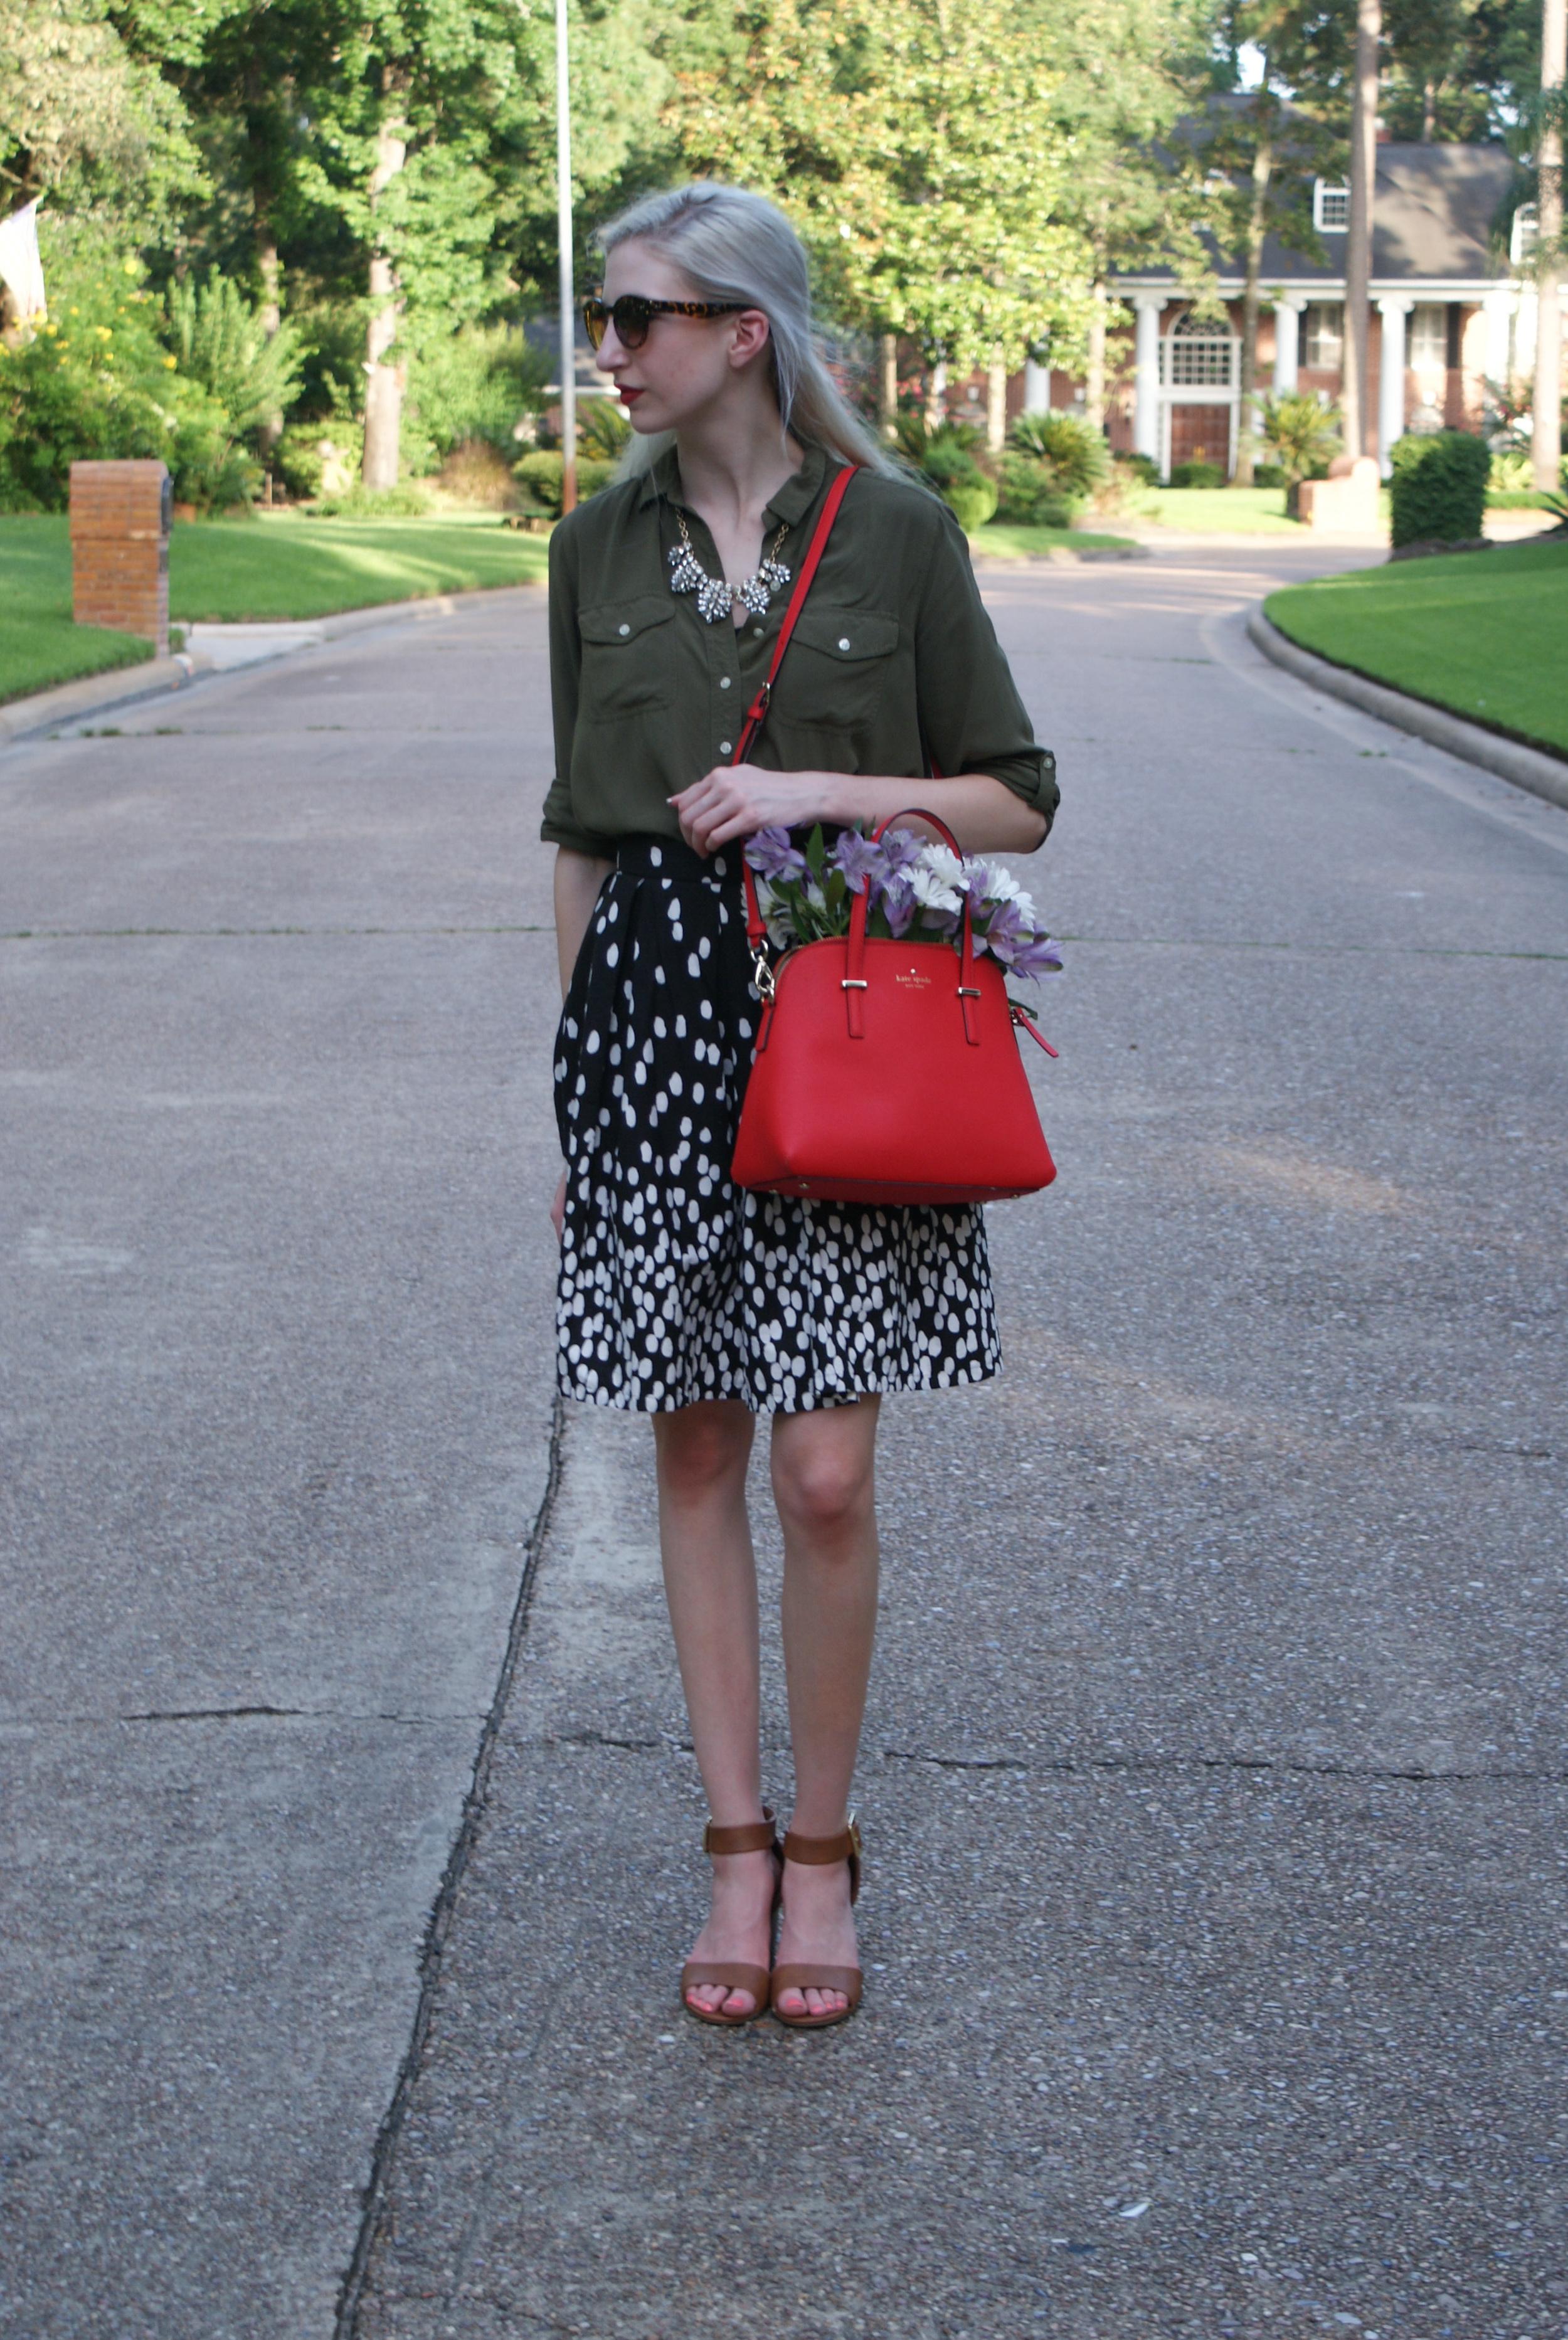 Top -  similar  / Skirt -  similar  / Shoes -  Target  / Necklace -  similar  / Lipstick -  Urban Decay  (F-Bomb) / Handbag -  Kate Spade  /